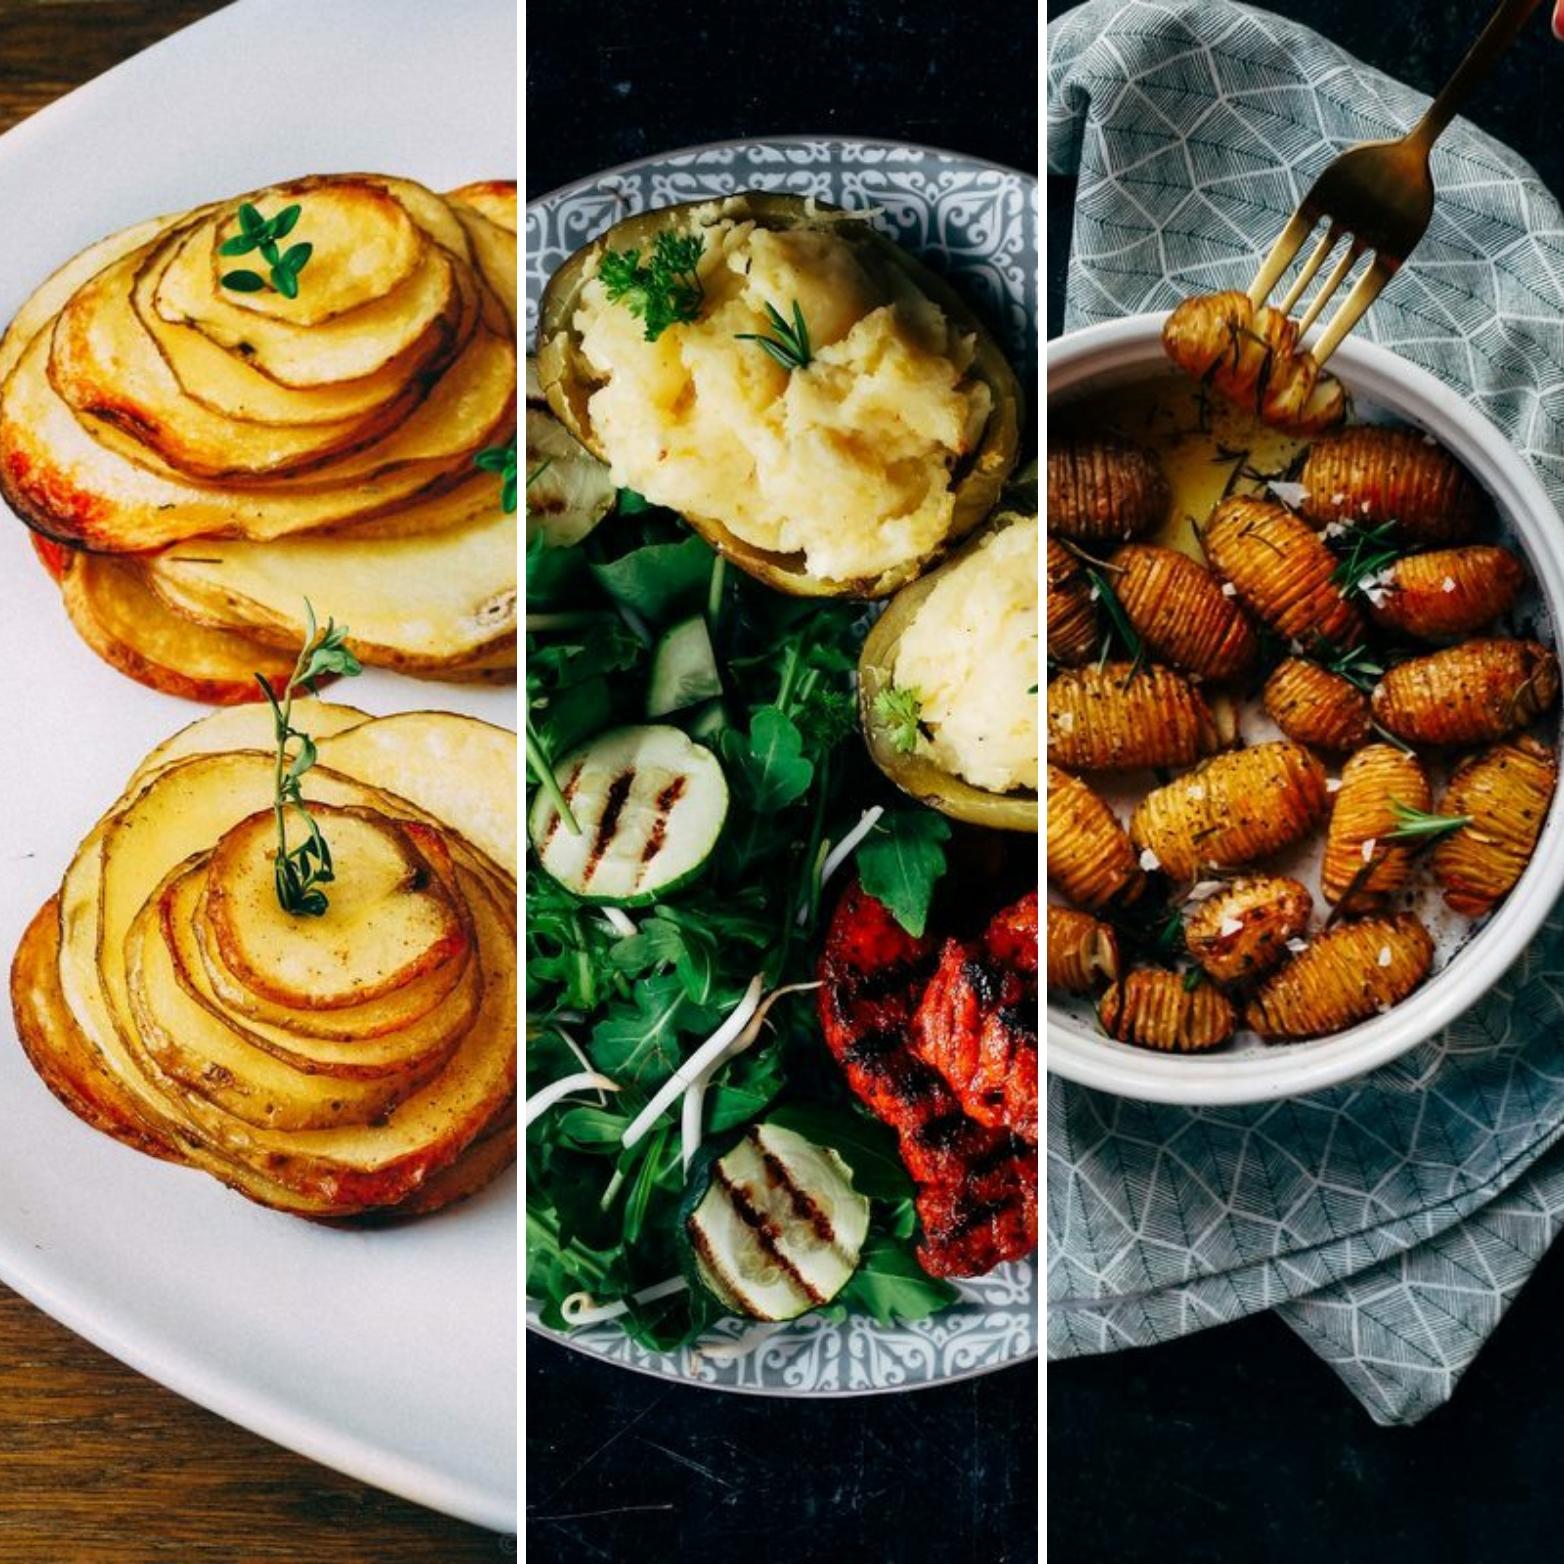 feestelijke aardappelideetjes smollen